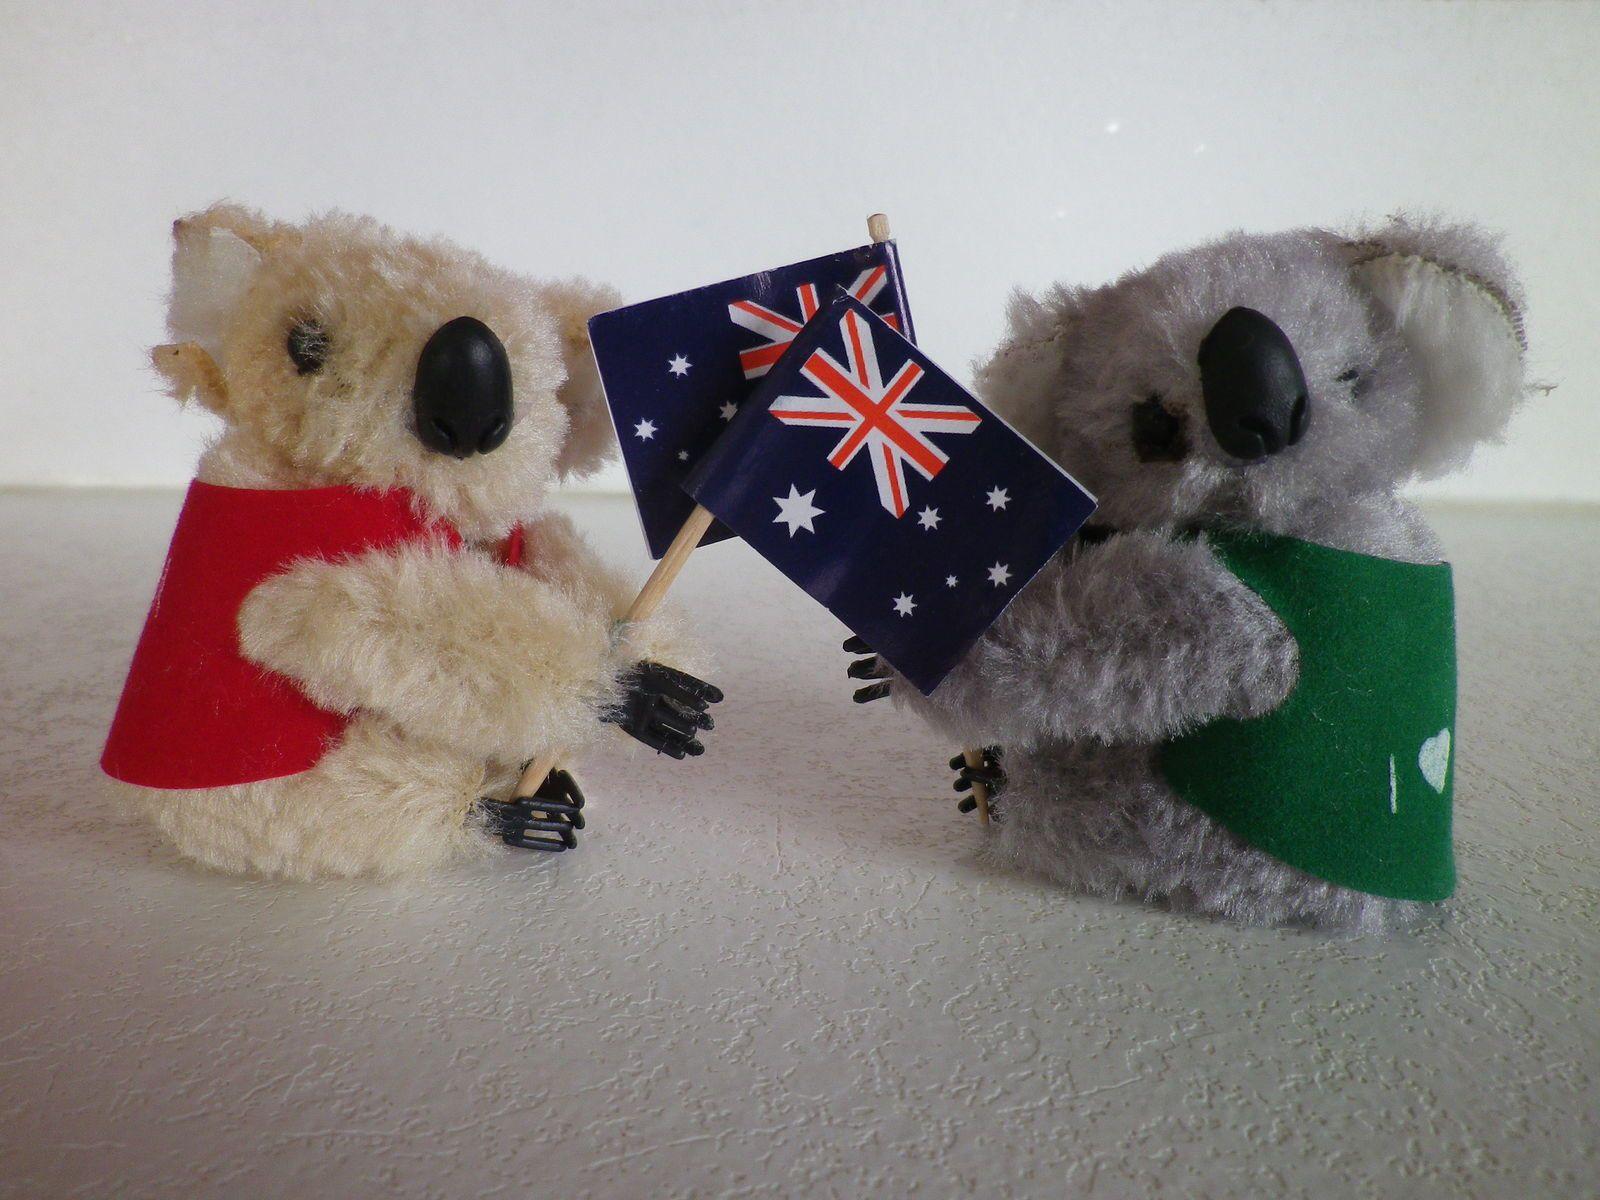 merci à Moomic et à sa femme (qui venaient d'Australie) pour leurs petits koalas trop mignons ^_^ !